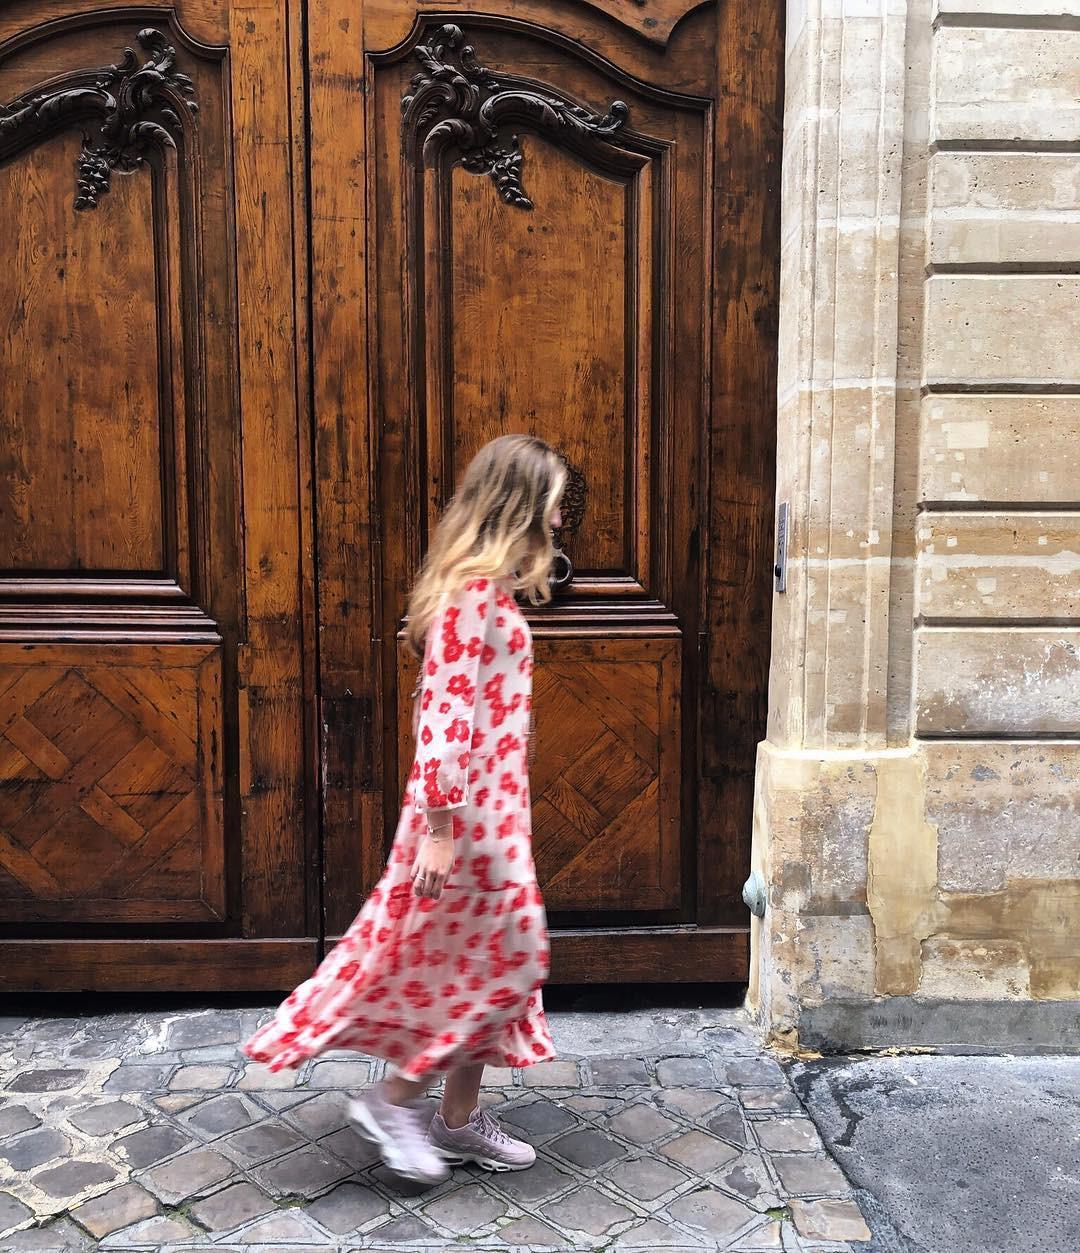 Bộ váy hoa giá cả chục triệu mà đụng hàng xuyên lục địa hết Pháp đến Ý rồi lại Tây Ban Nha - Ảnh 9.